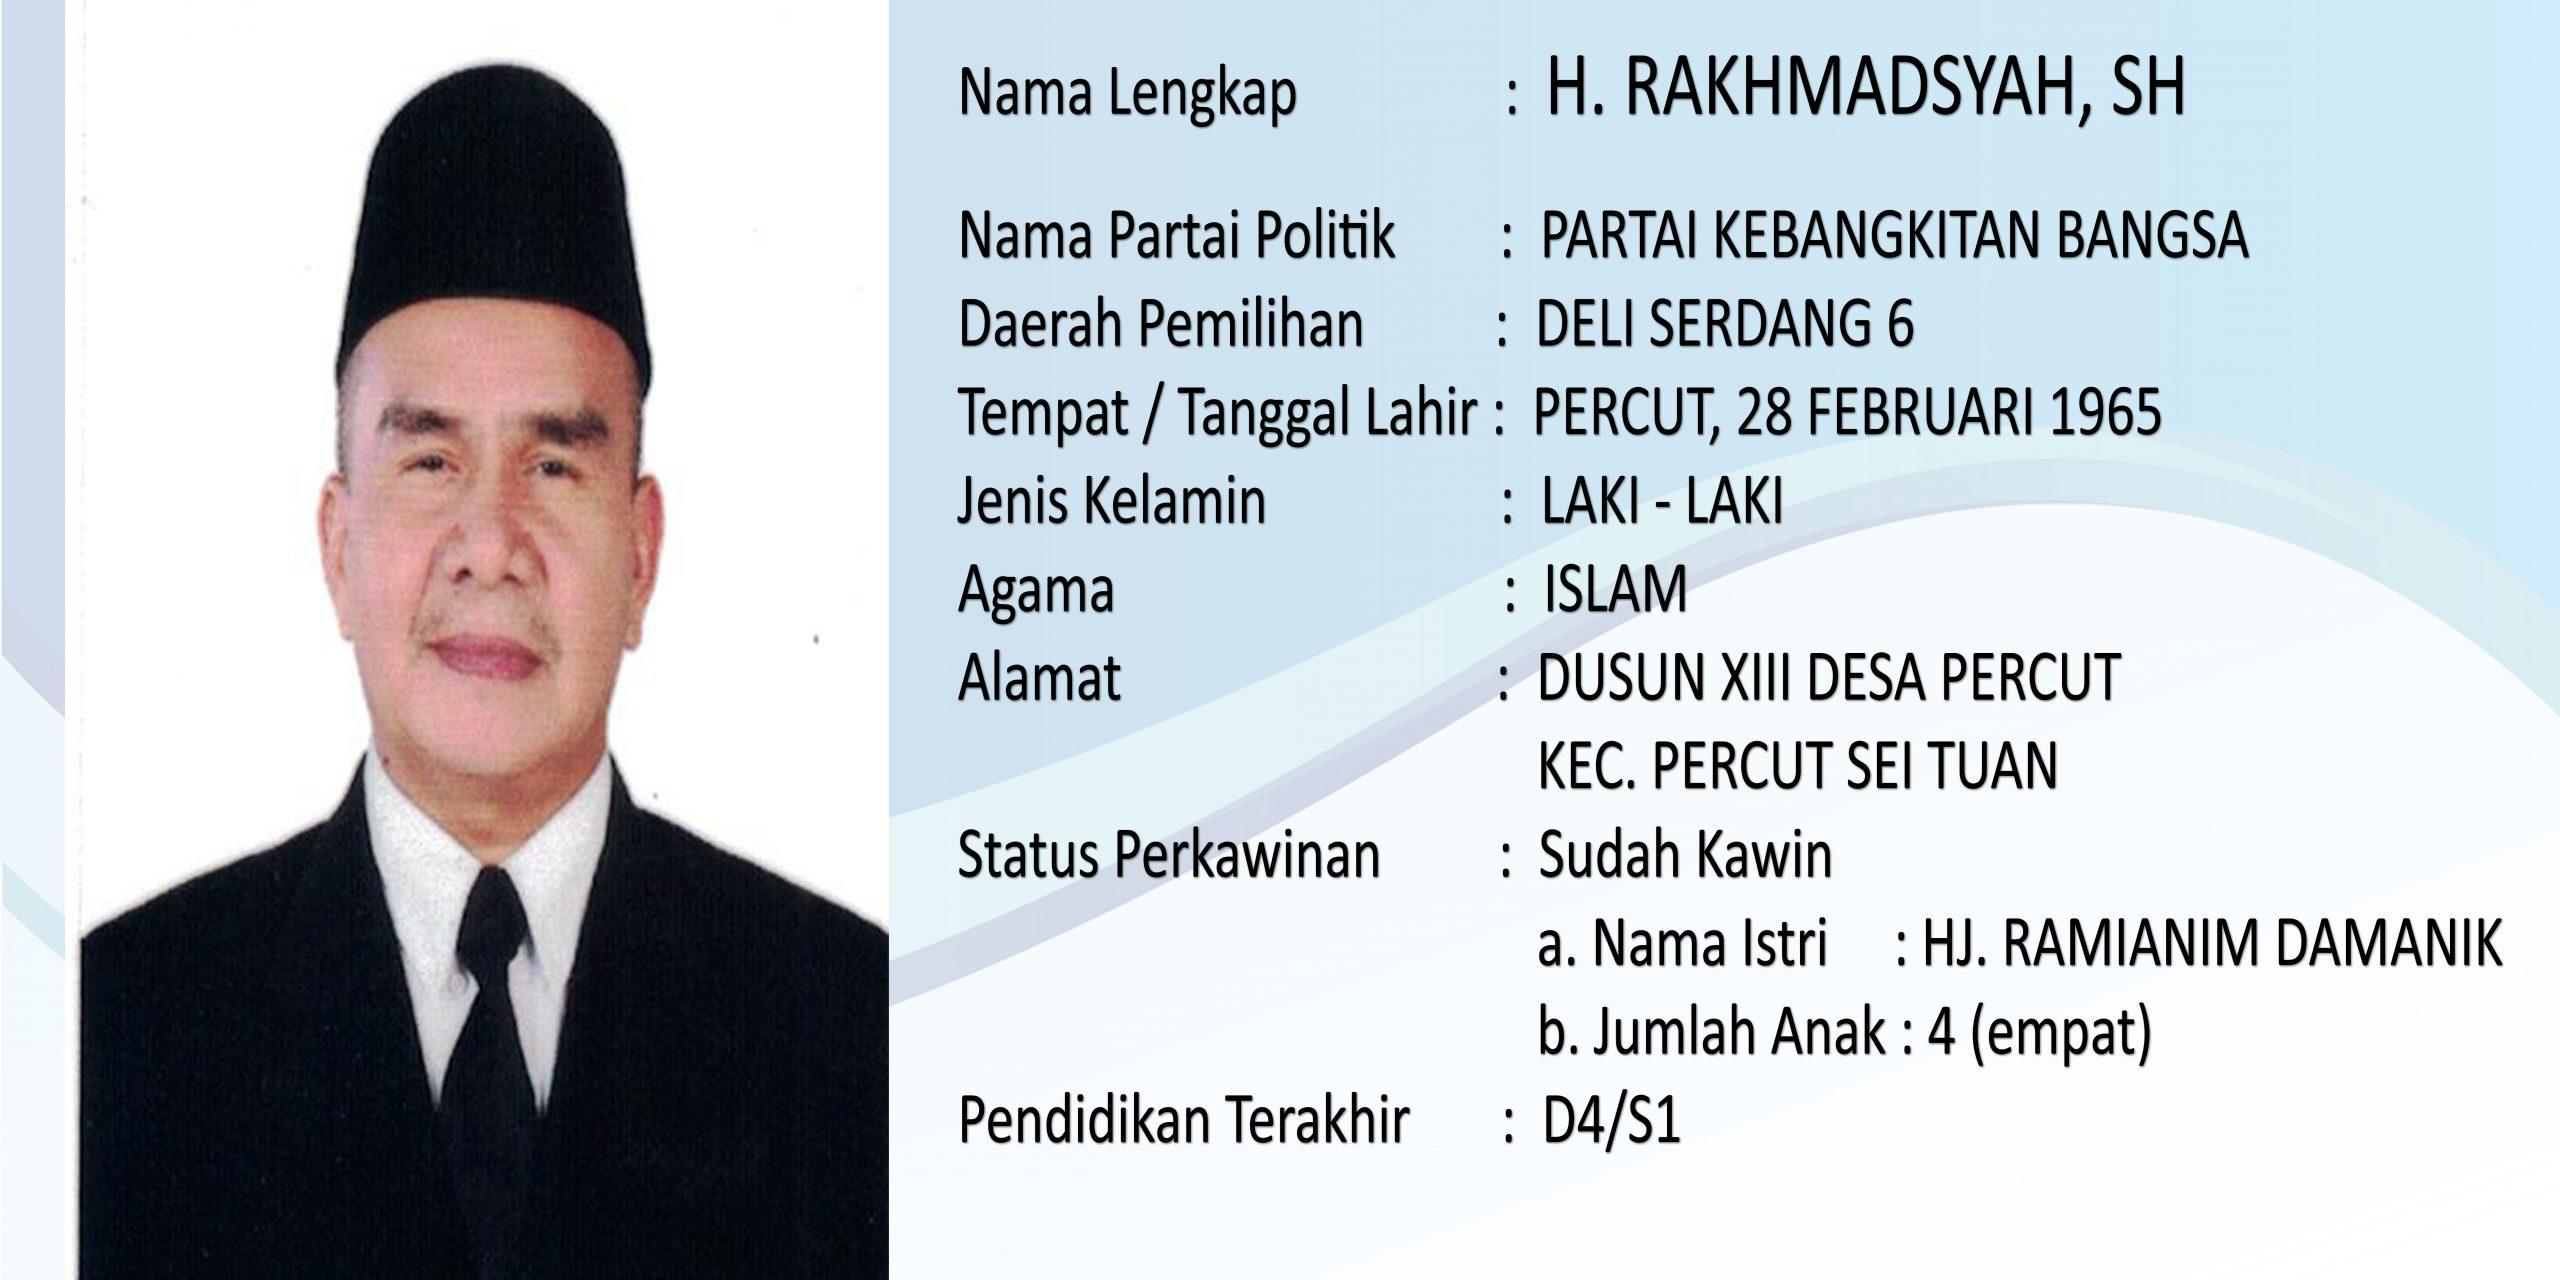 H. RAKHMADSYAH, SH